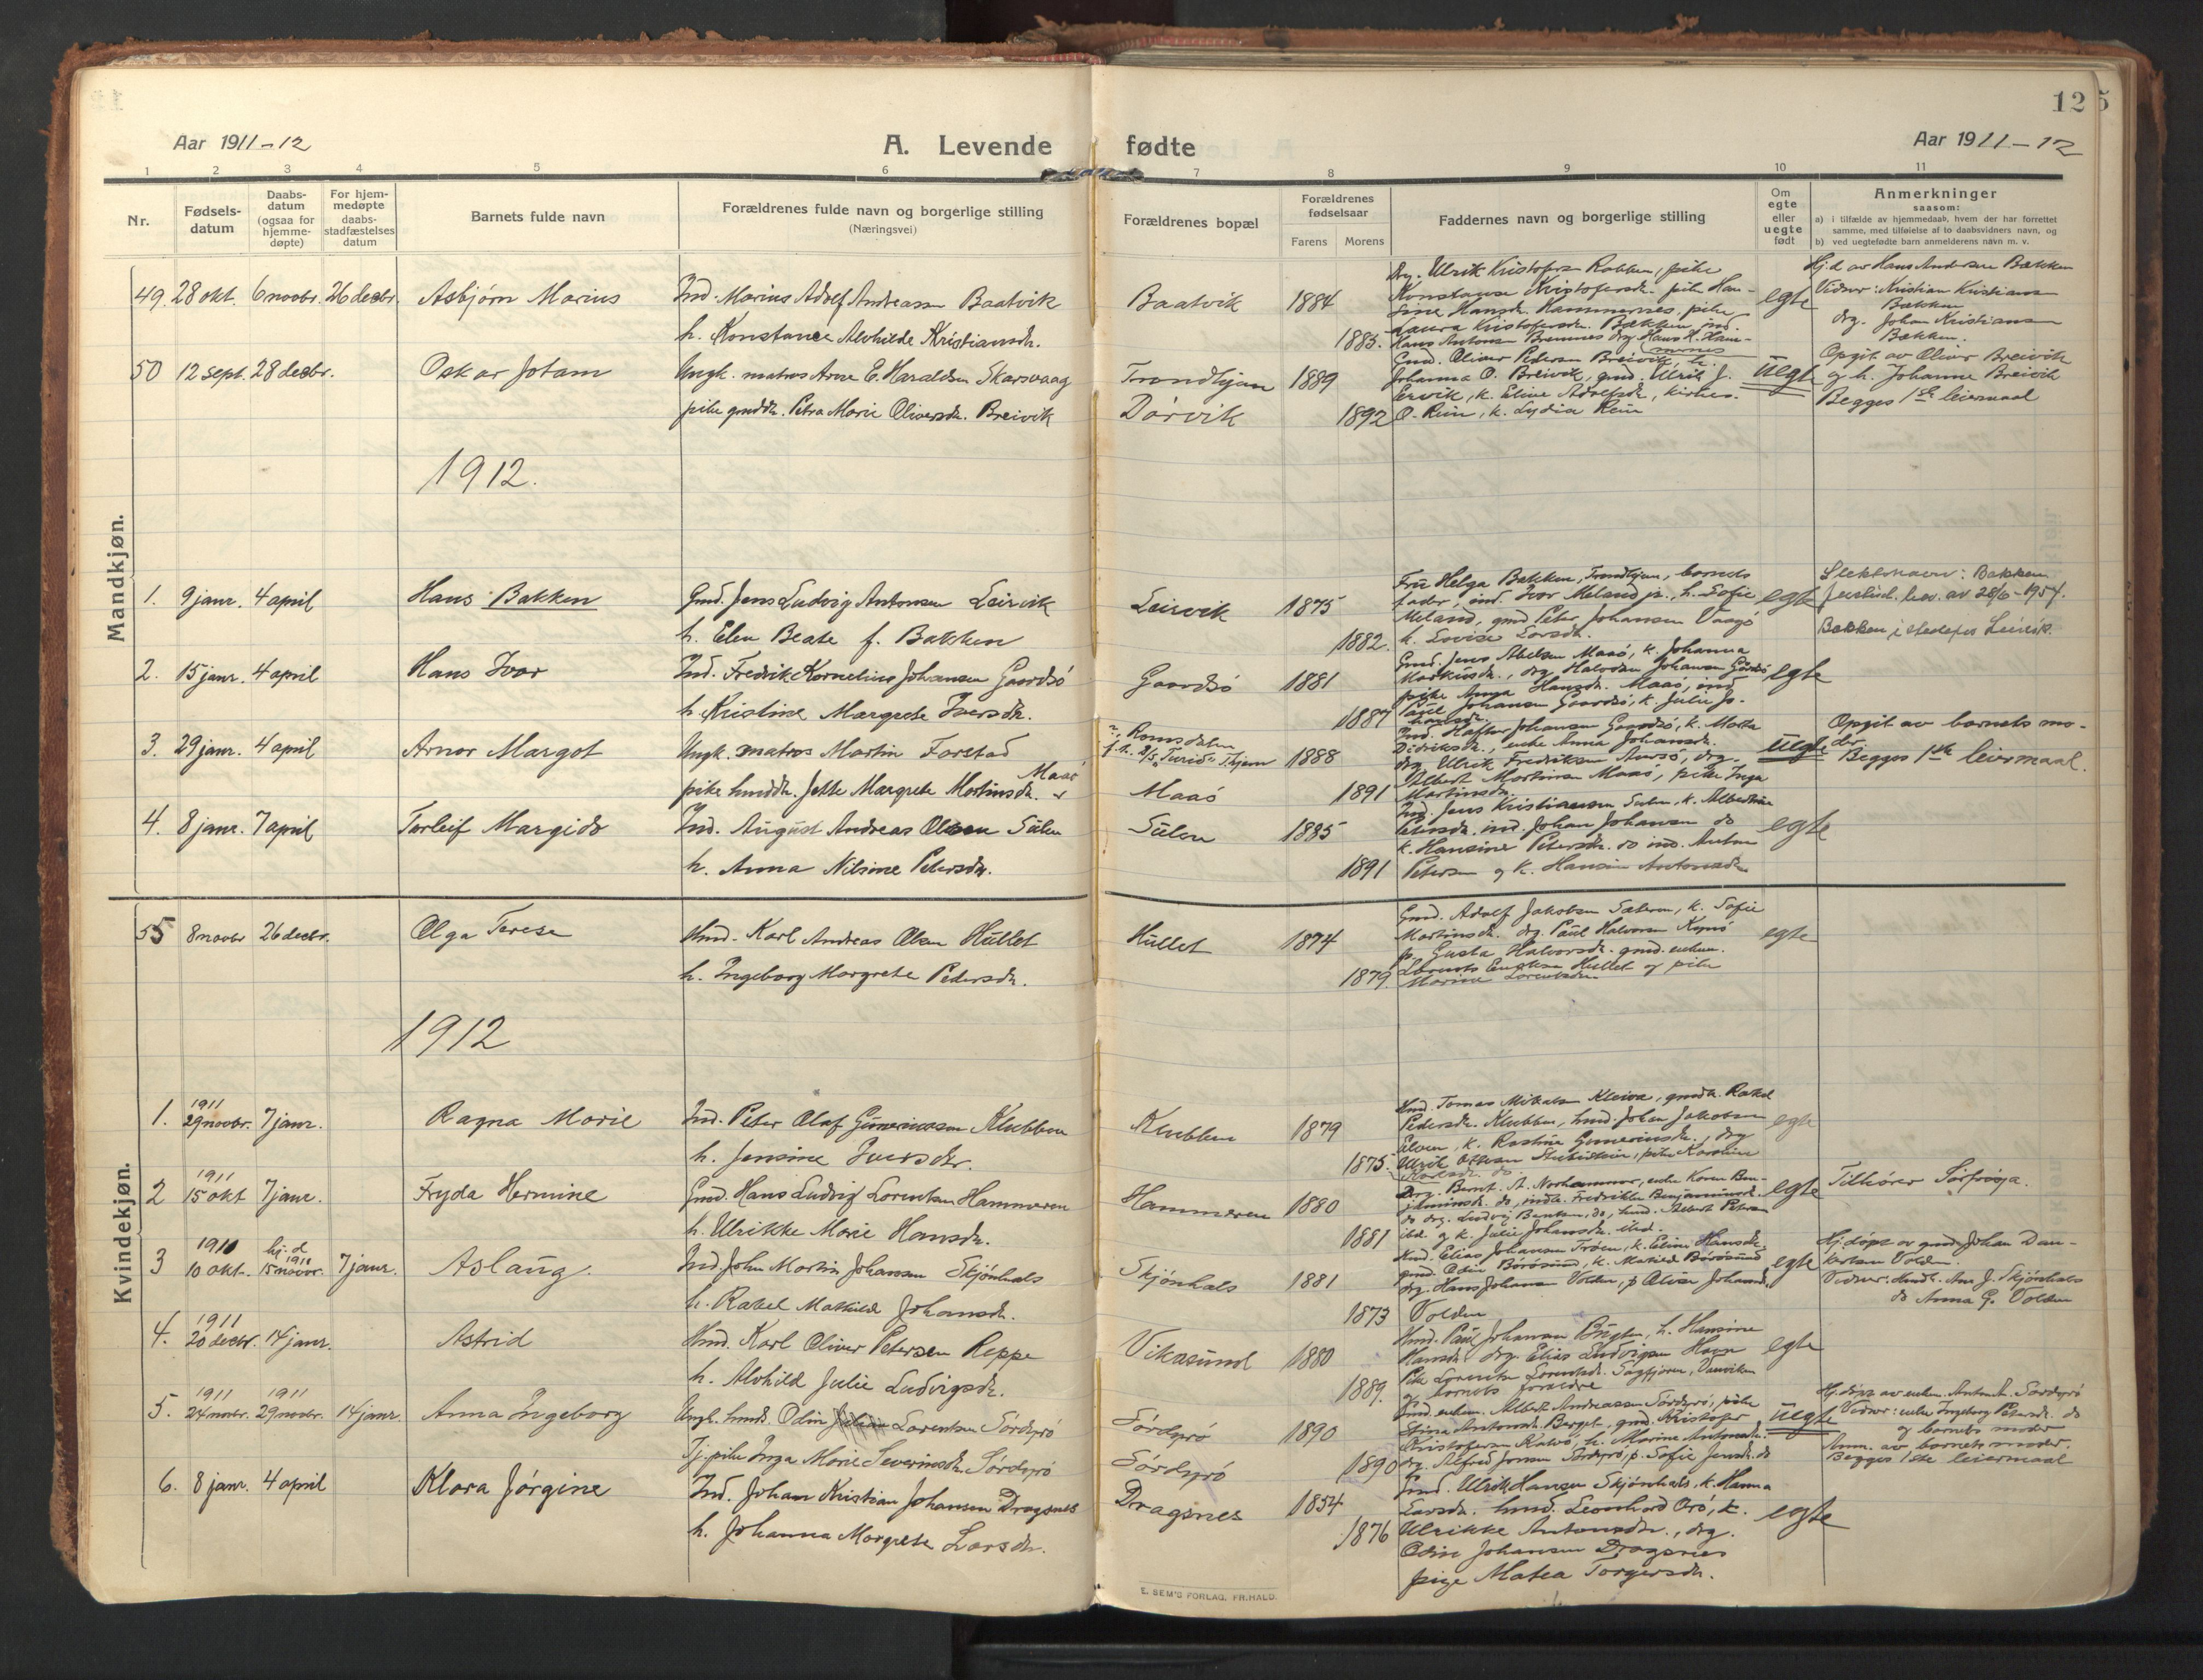 SAT, Ministerialprotokoller, klokkerbøker og fødselsregistre - Sør-Trøndelag, 640/L0581: Ministerialbok nr. 640A06, 1910-1924, s. 12